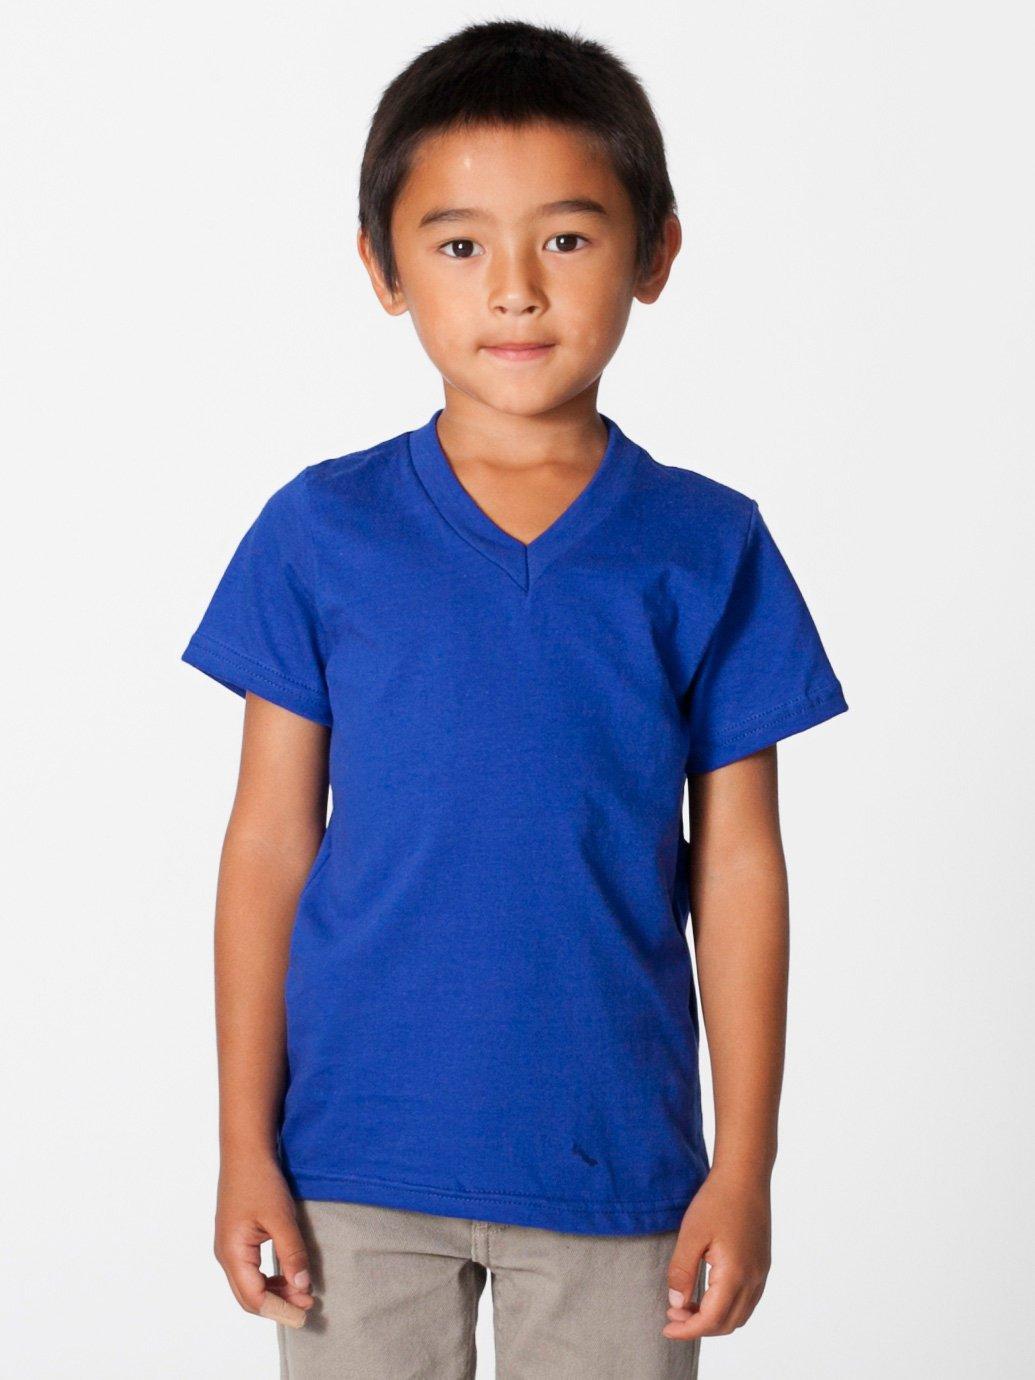 368f20ed3a American Apparel Kids Fine Jersey V-Neck T-Shirt - Evan Webster INK